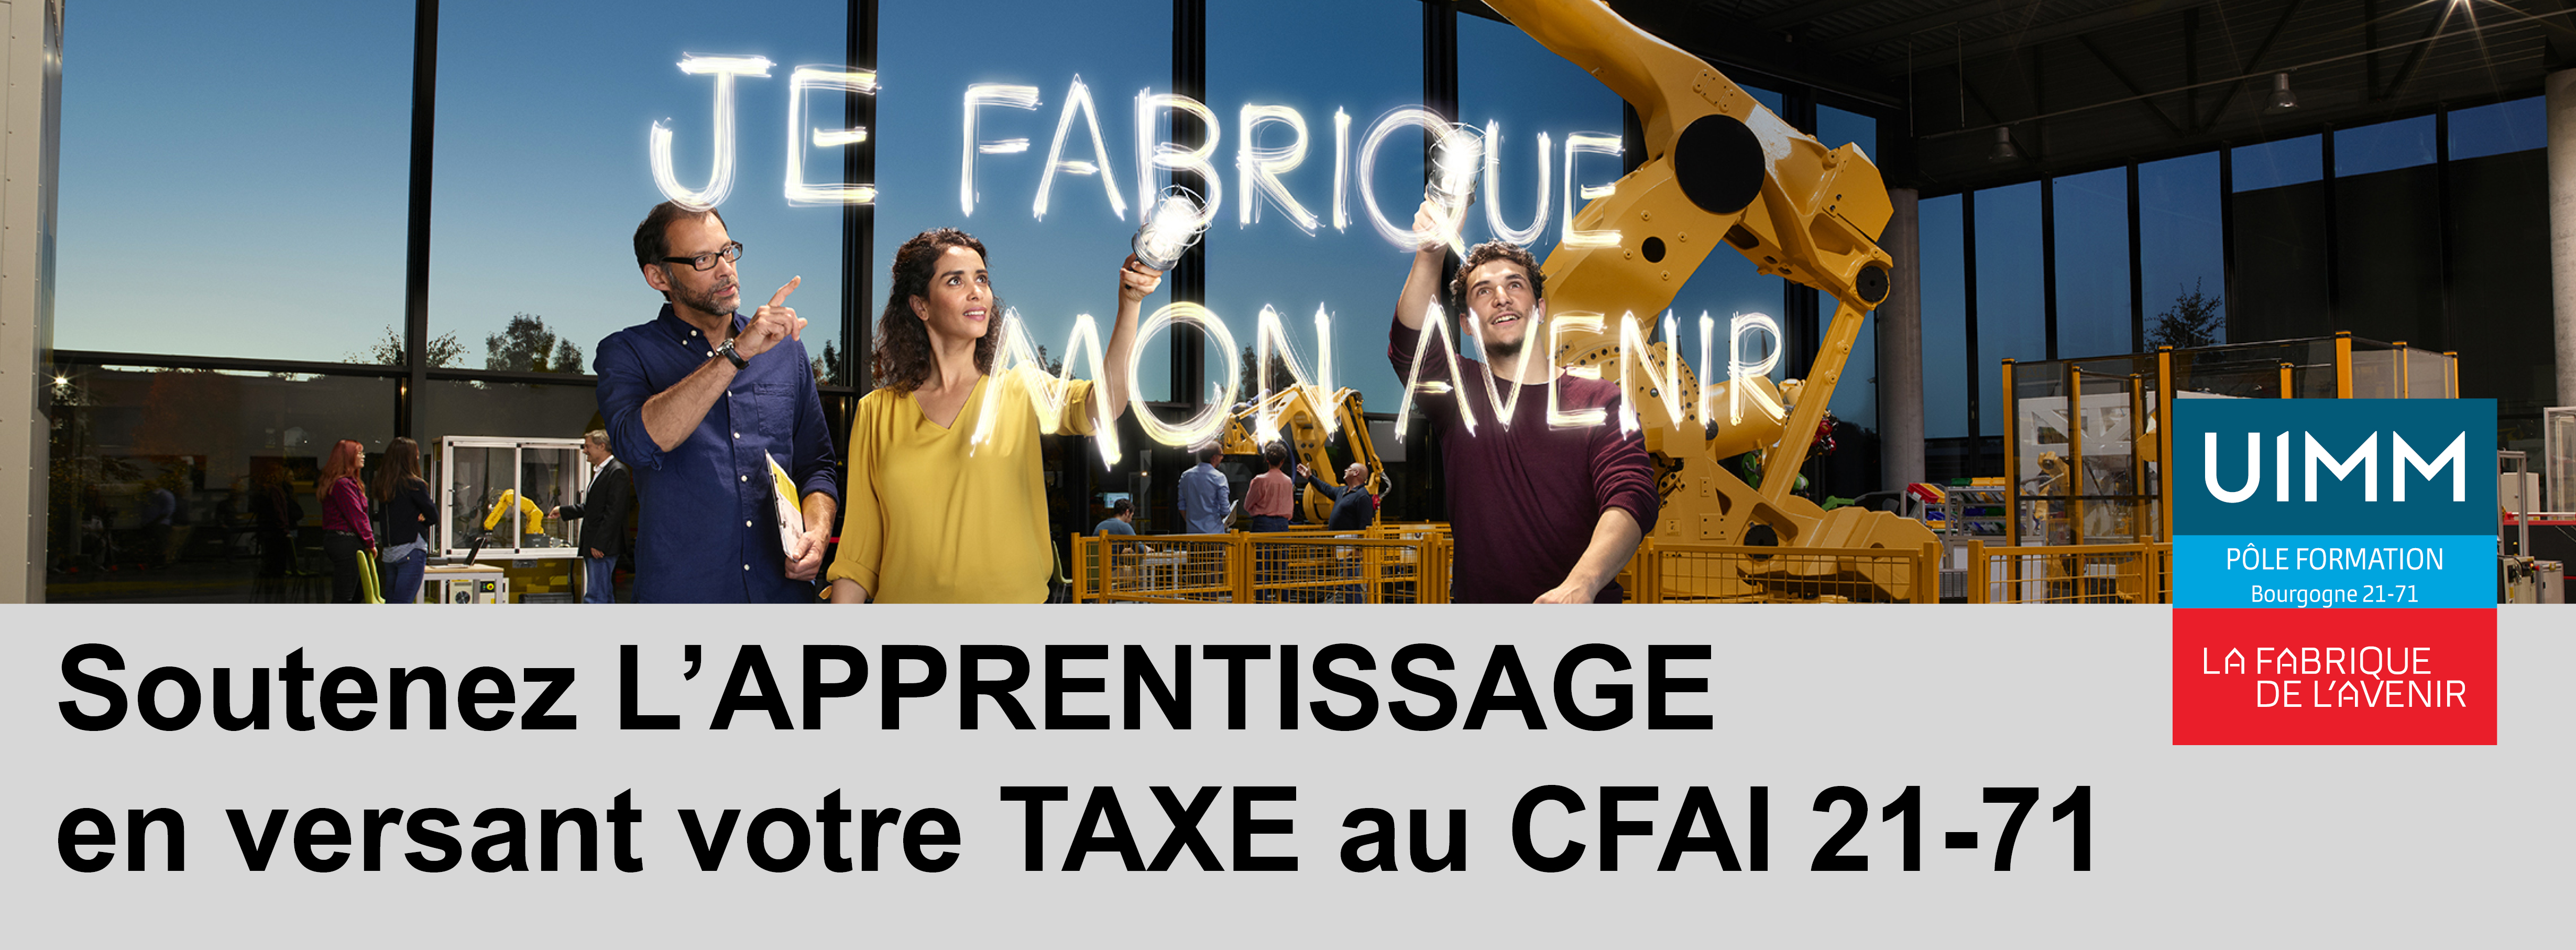 Bandeau Taxe